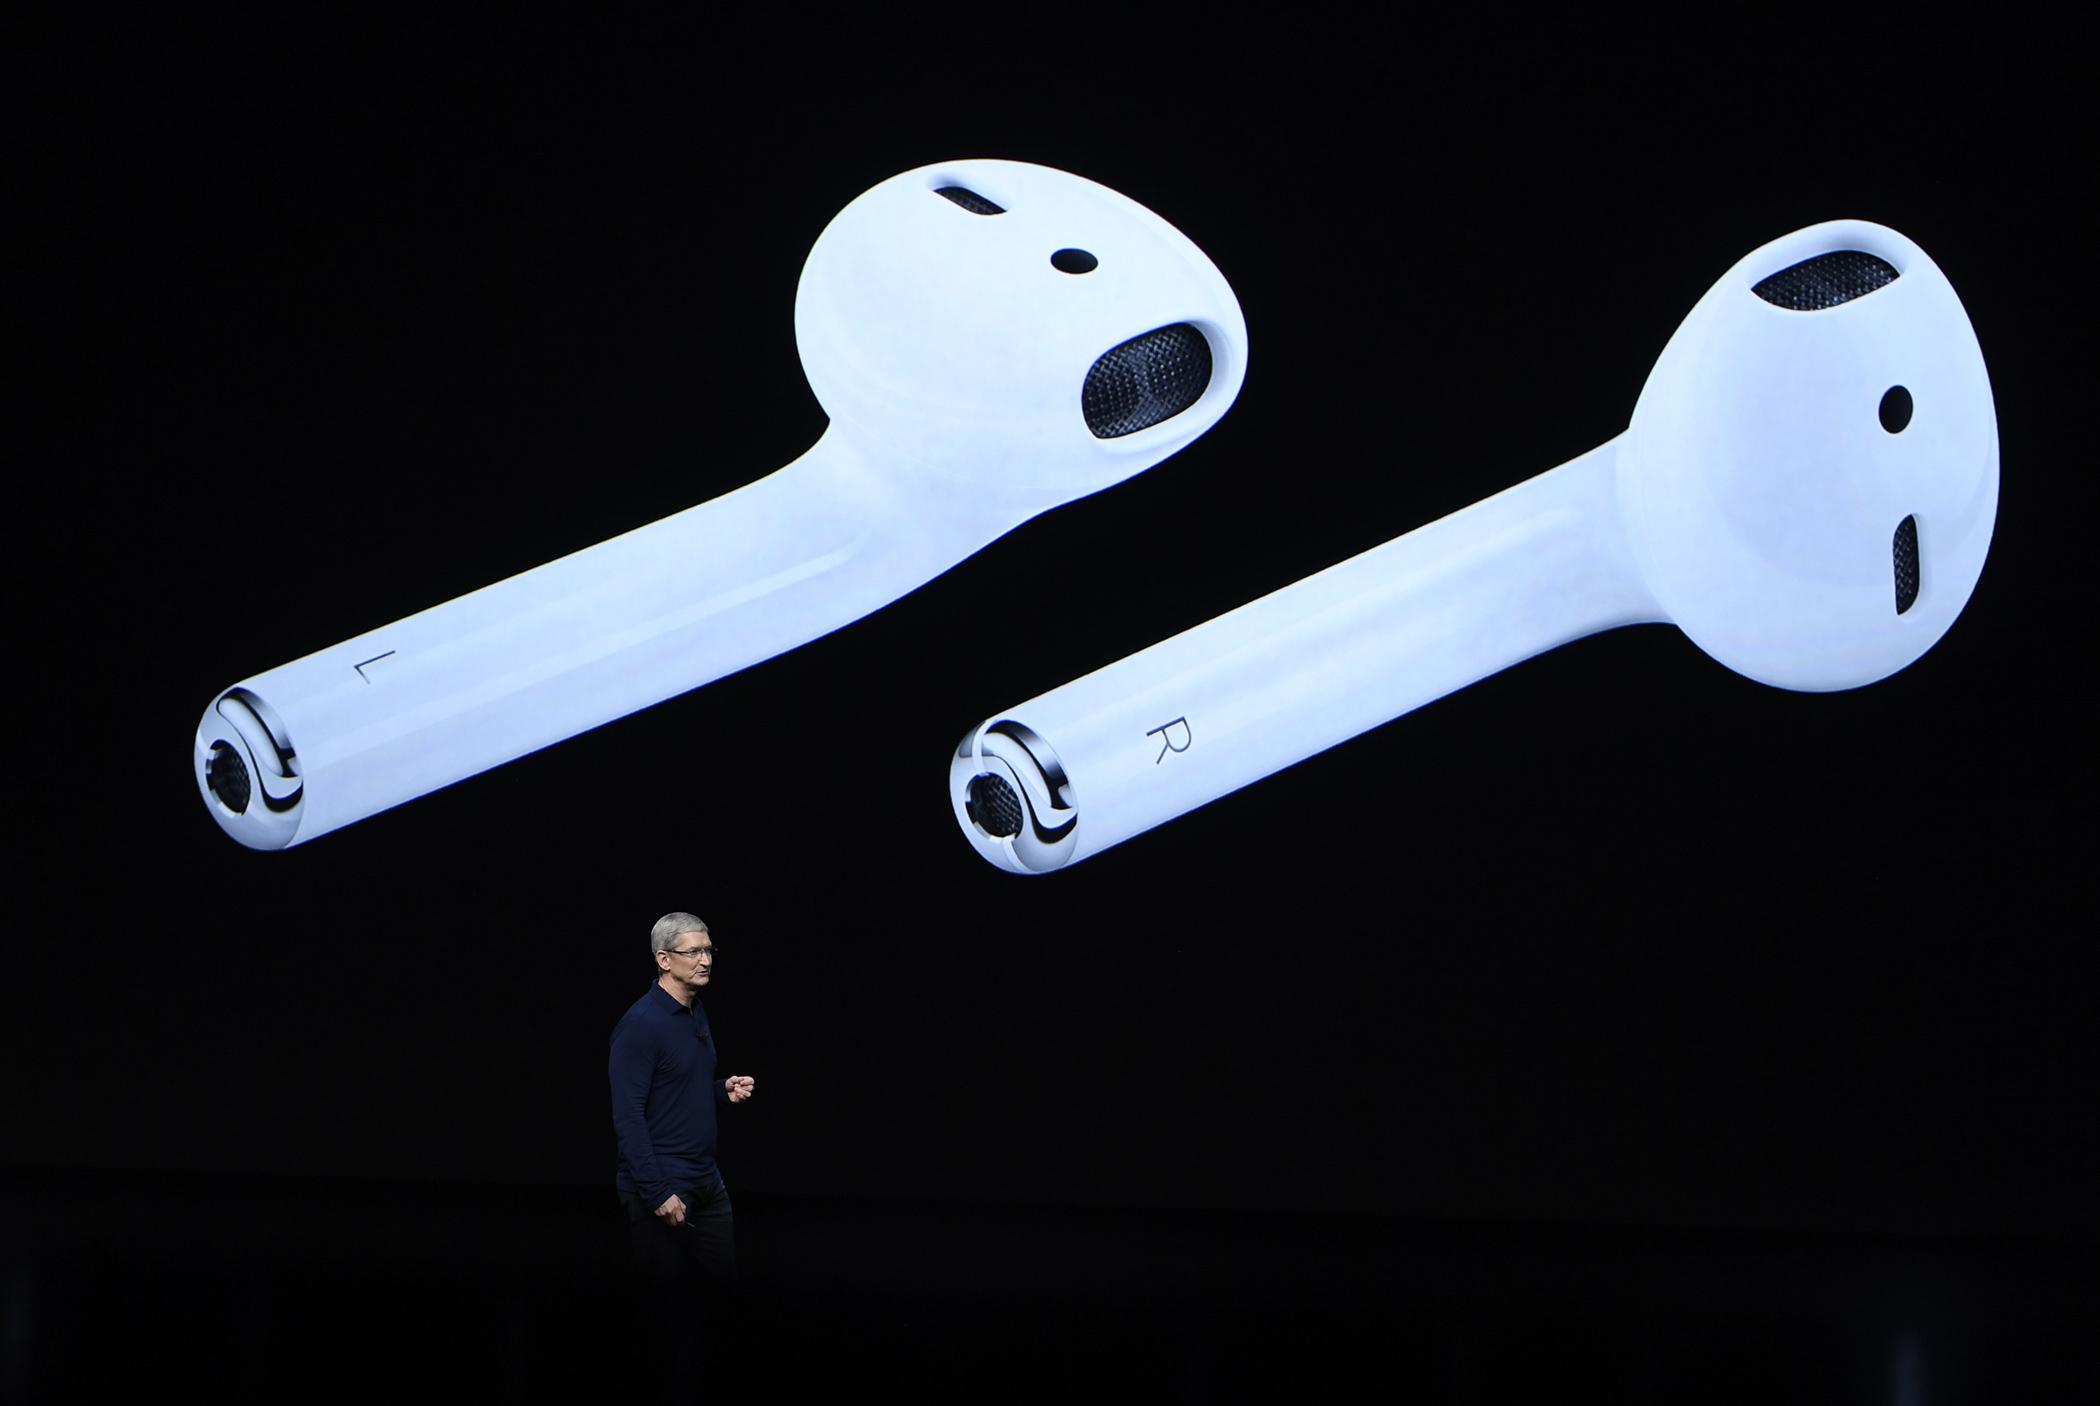 Filmeket és tévéműsorokat készítene az Apple, csak ne legyen bennük erőszak, szex és politika